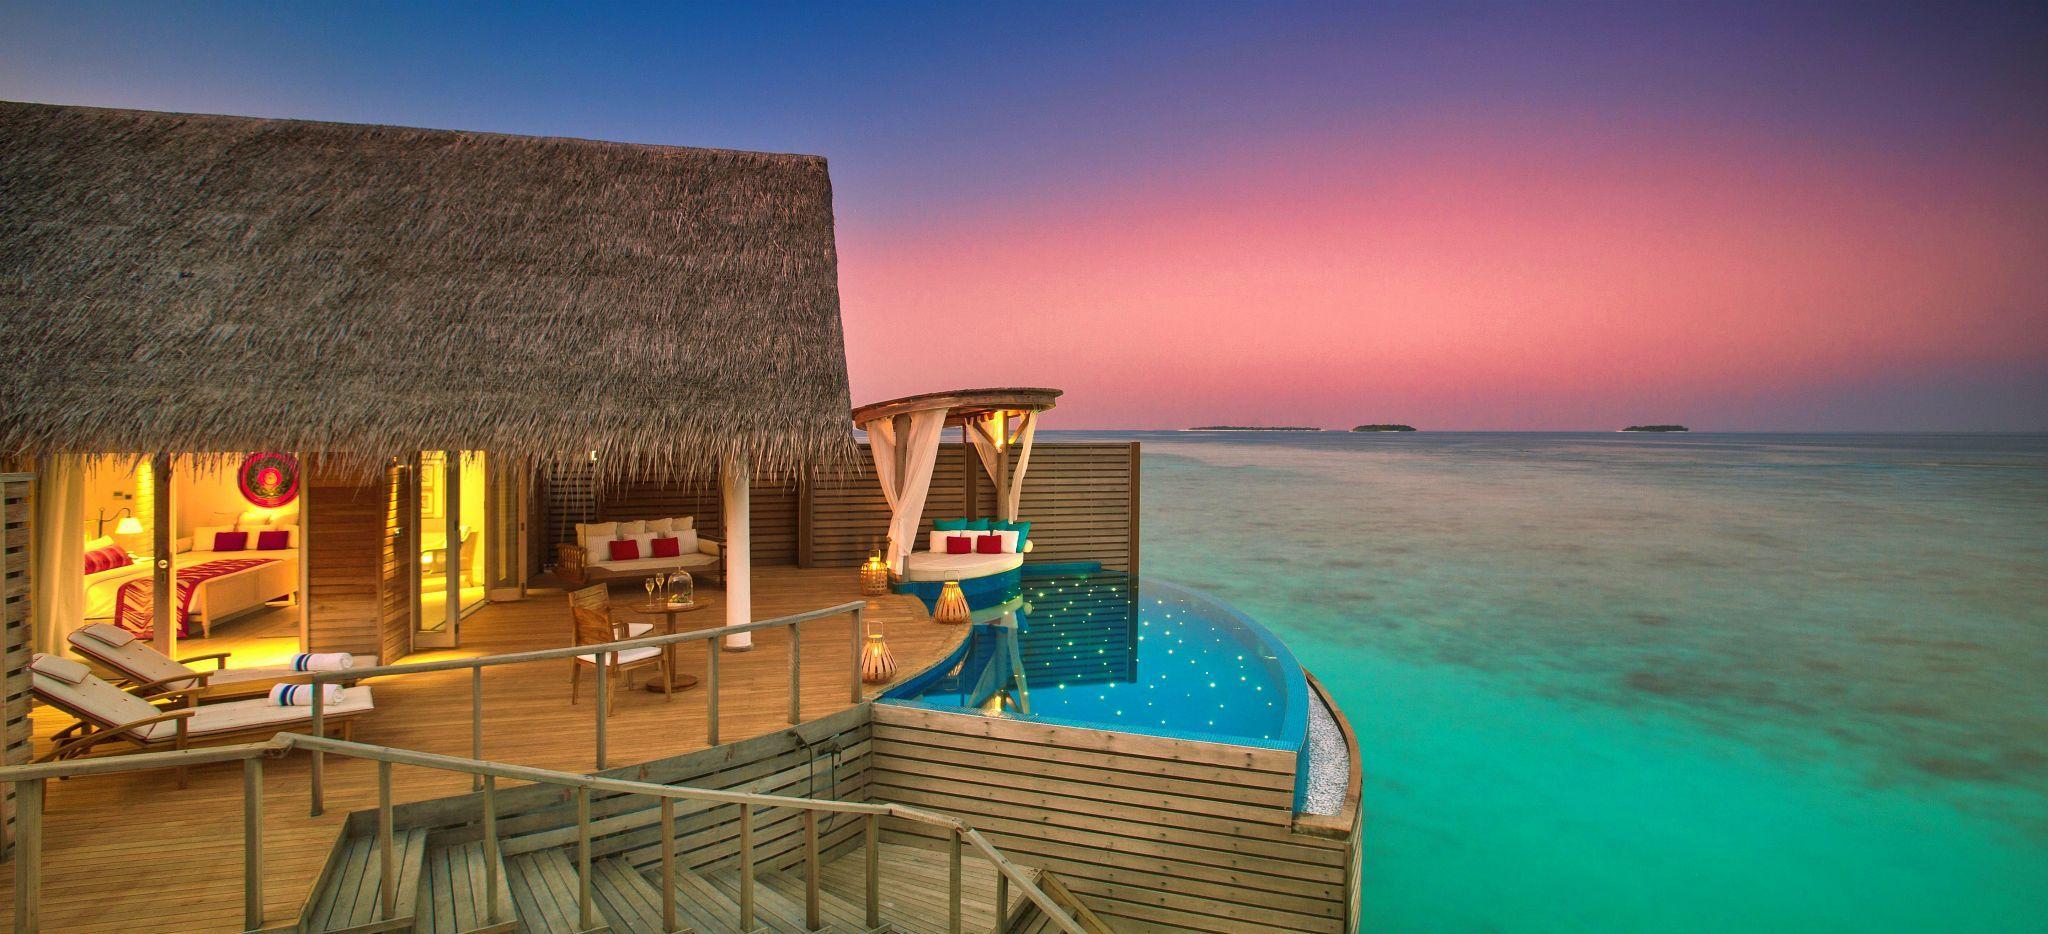 Eine Wasservilla mit privatem Pool vor dem Sonnenuntergang, im Hotel Milaidhoo auf den Malediven